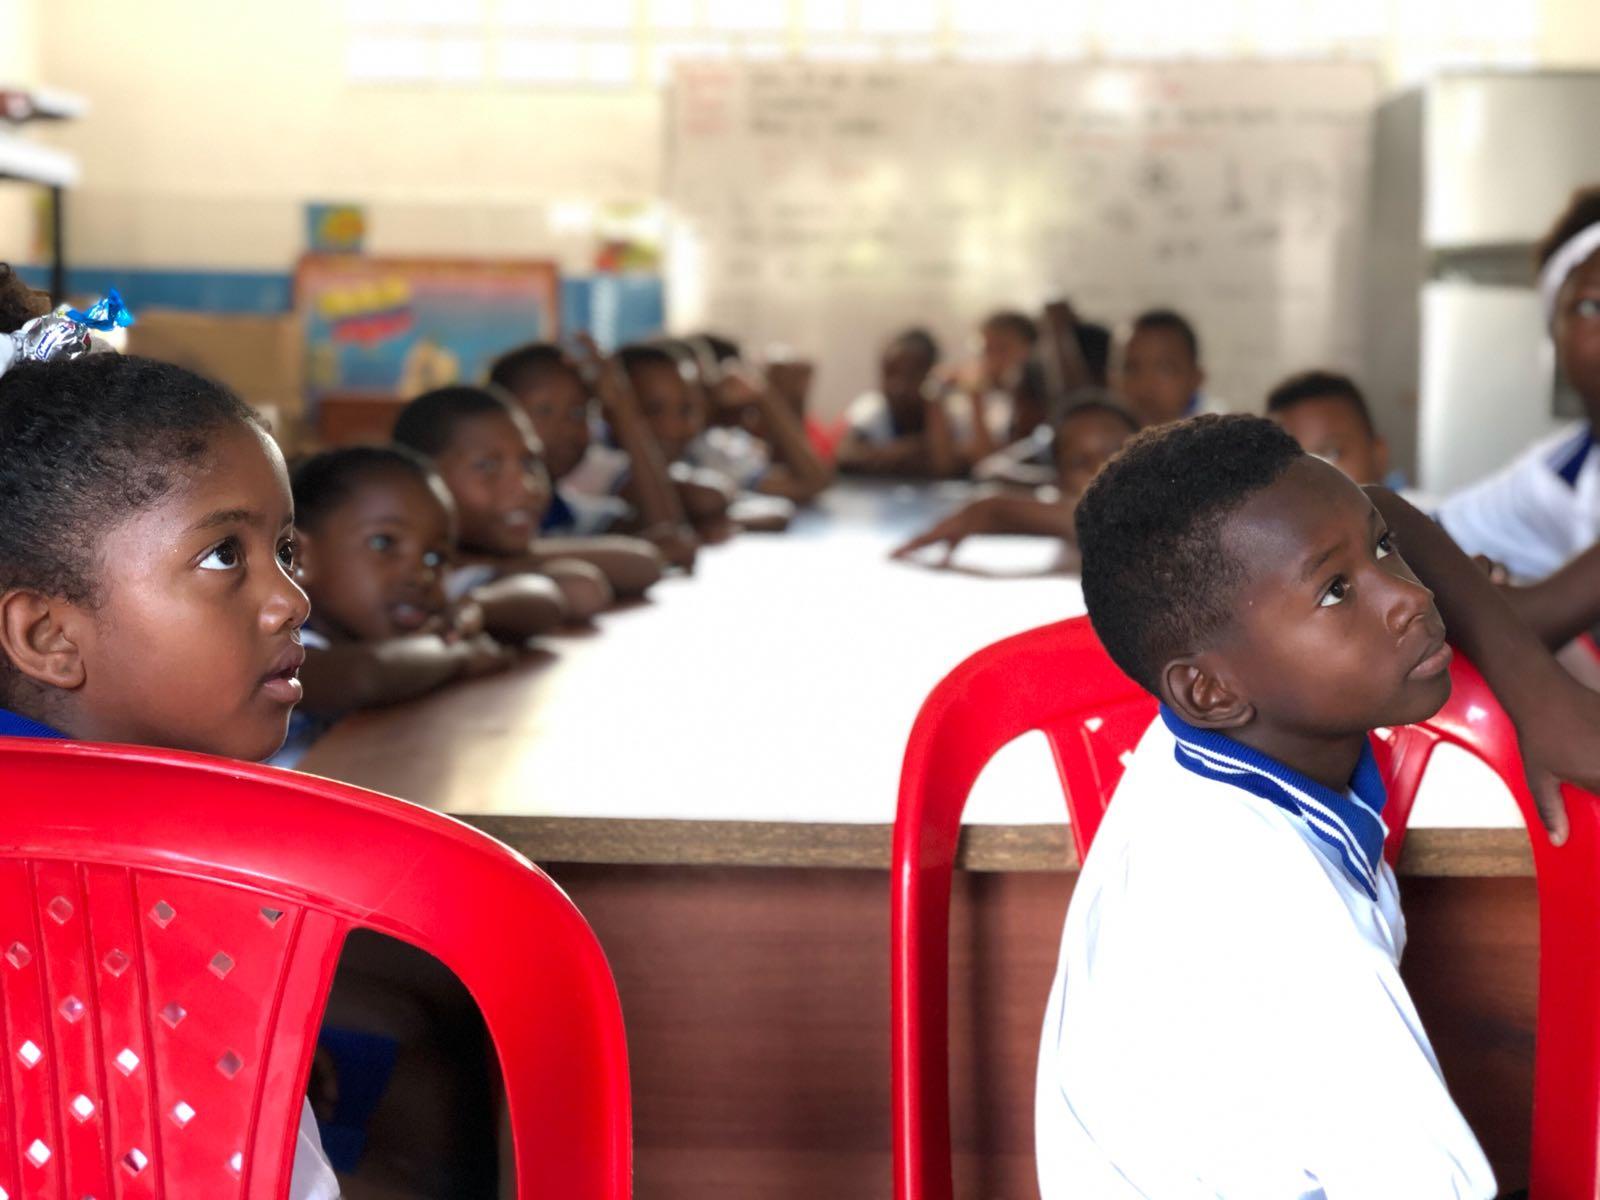 Marlinda, en Cartagena, una comunidad que cree en los sueños de sus niños por un futuro mejor